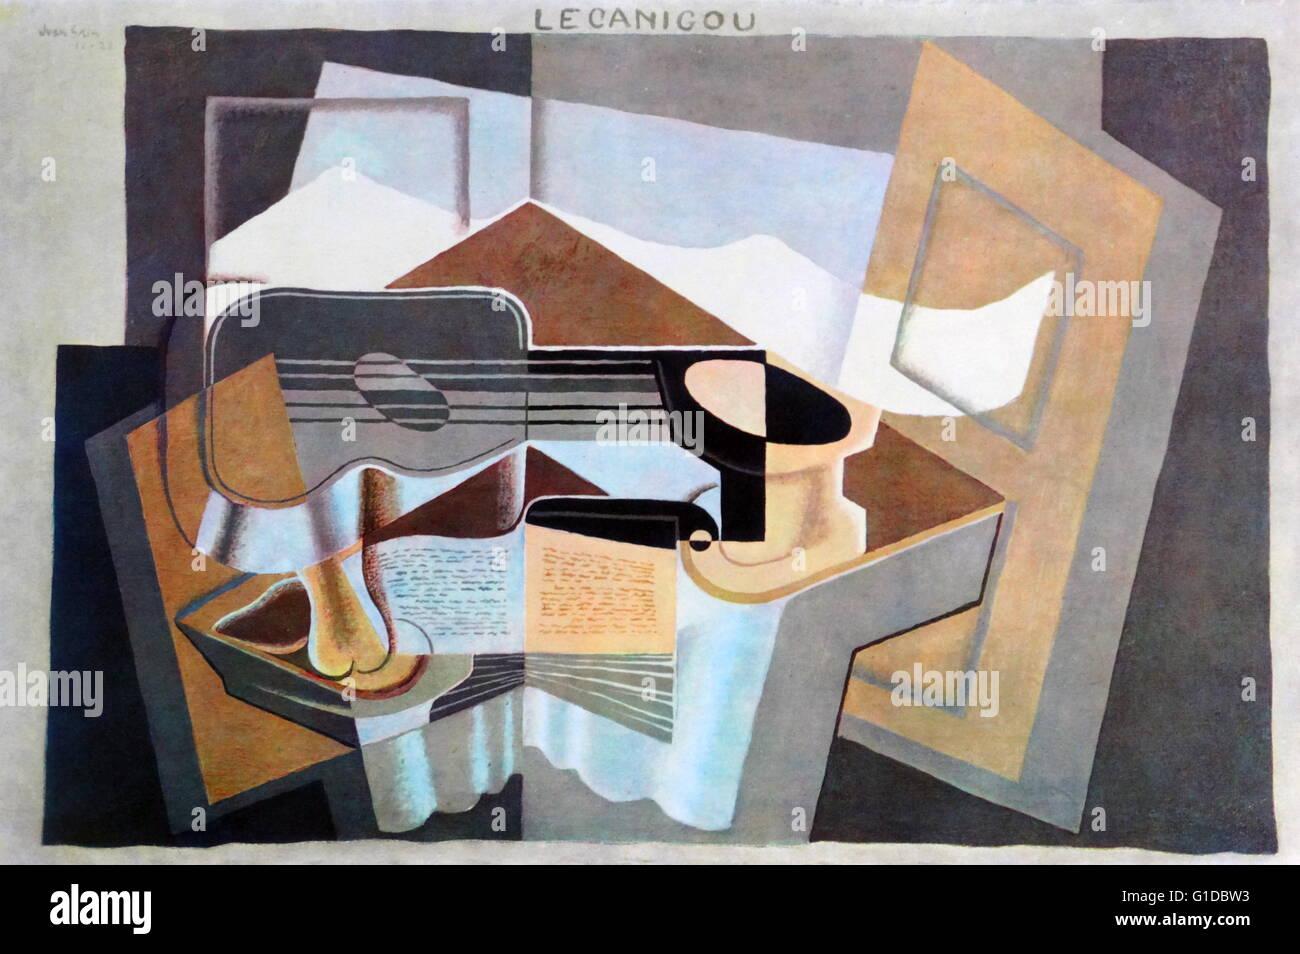 Le canigou 1921, por Juan Gris (1887 - 1927), pintor y escultor español conectado al género artístico Imagen De Stock